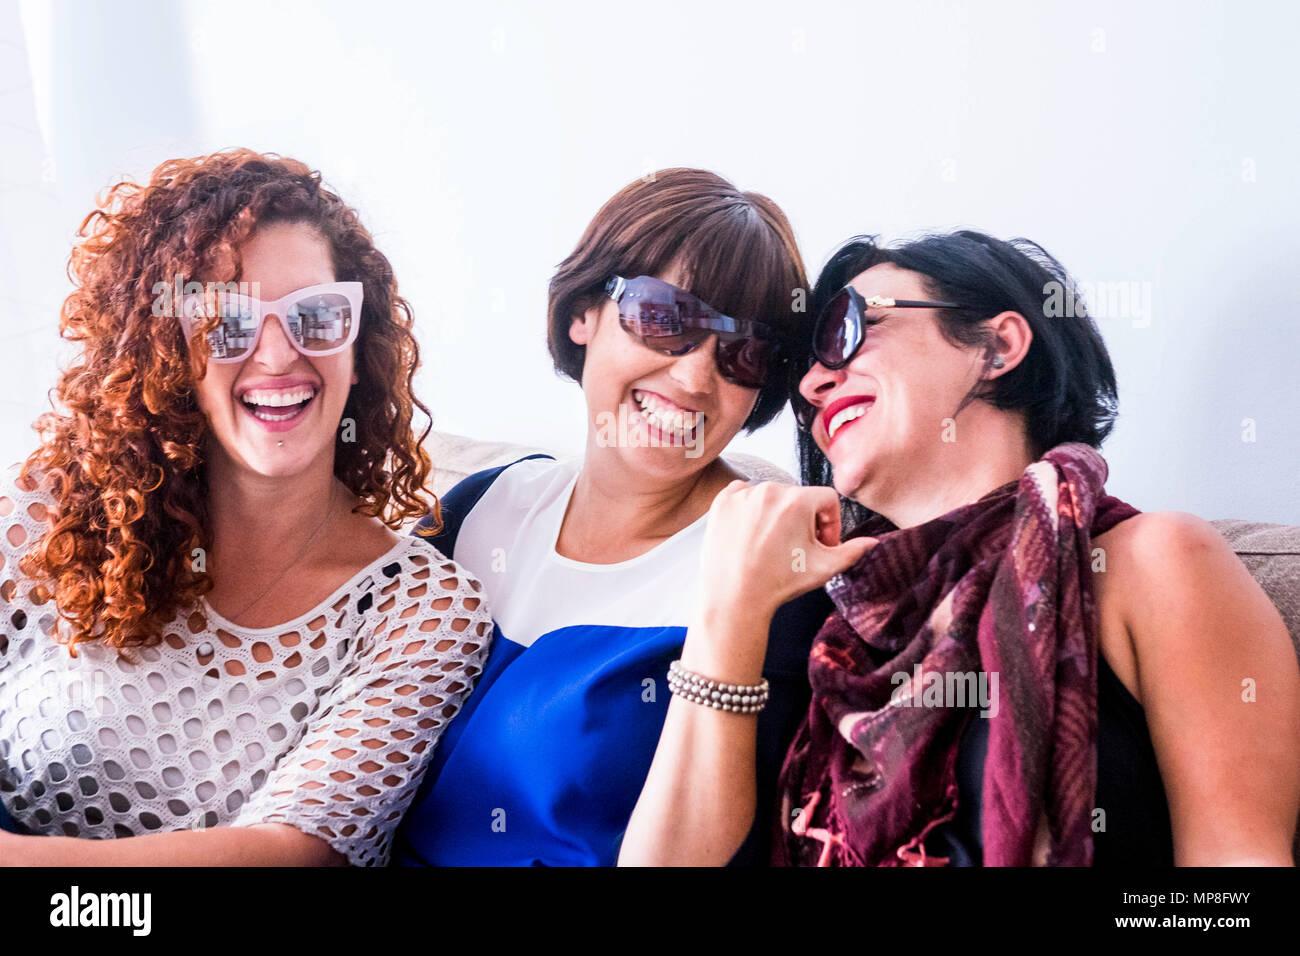 Tres jóvenes mujeres loco amigos tener un montón de diversión en casa en el sofá. Todos ellos con gafas de sol y laughi y sonrisas. cerrar contacto para mejor f Imagen De Stock